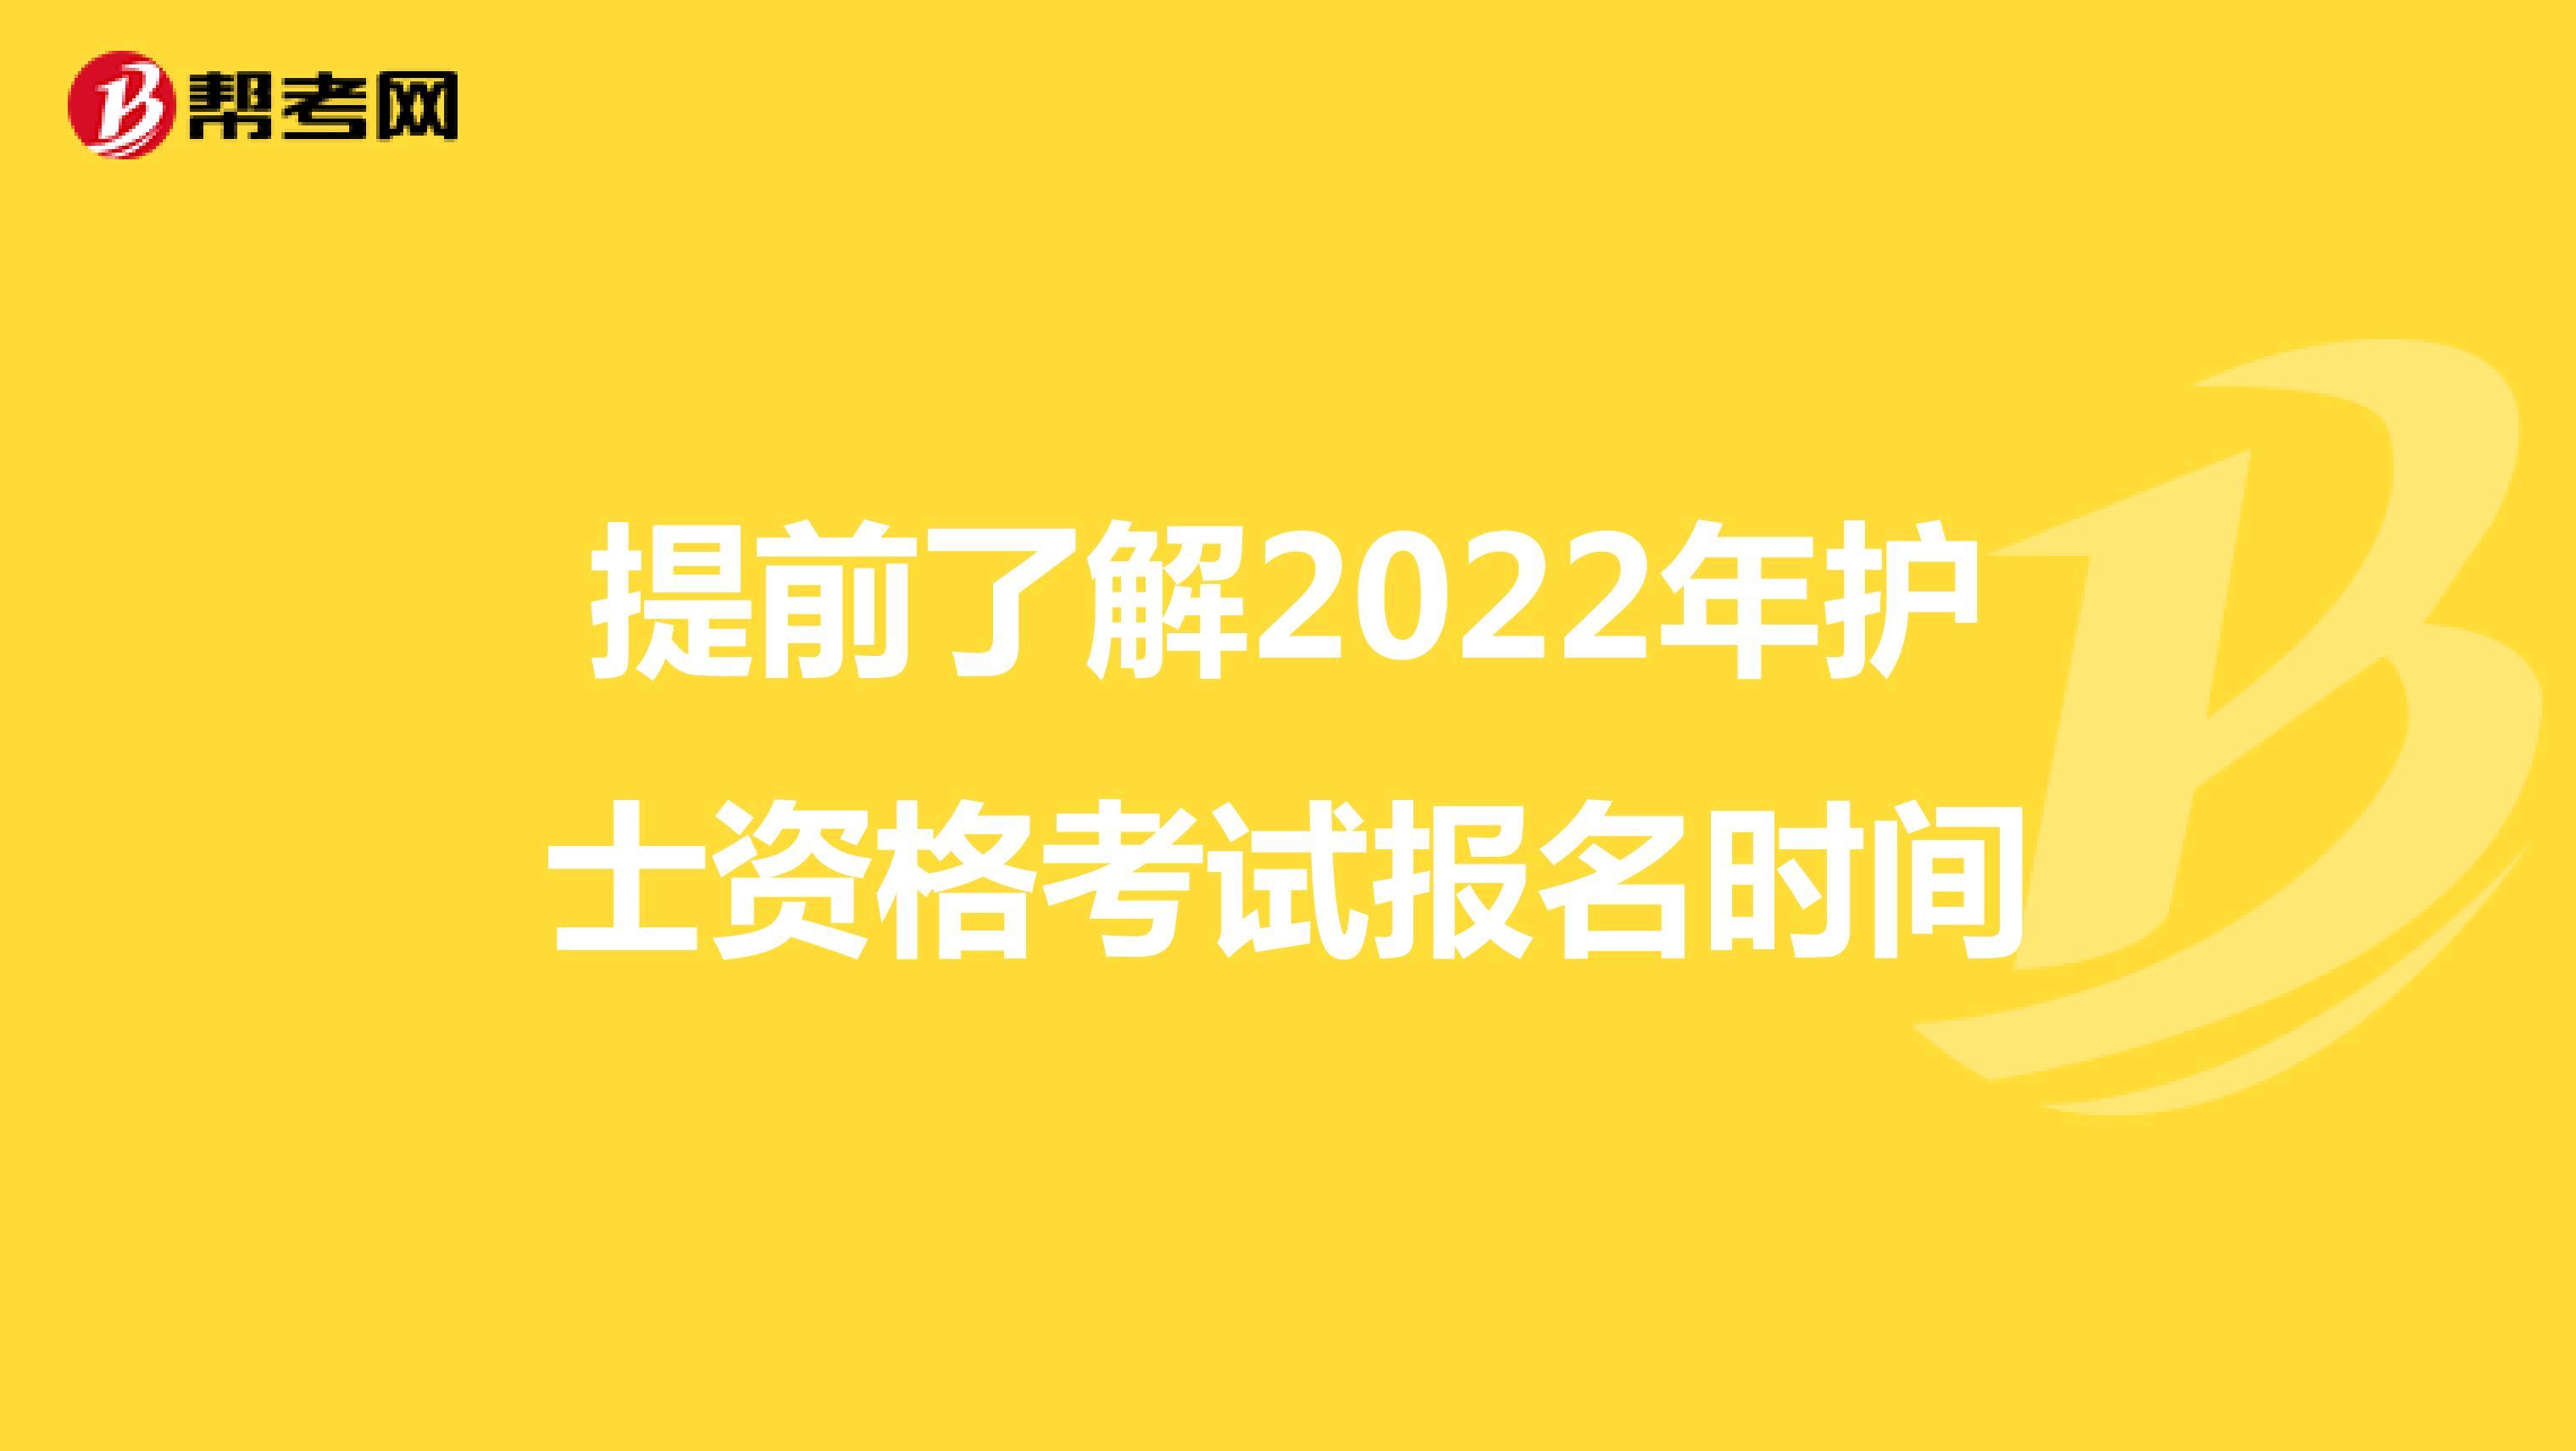 提前了解2022年护士资格Beplay官方报名时间